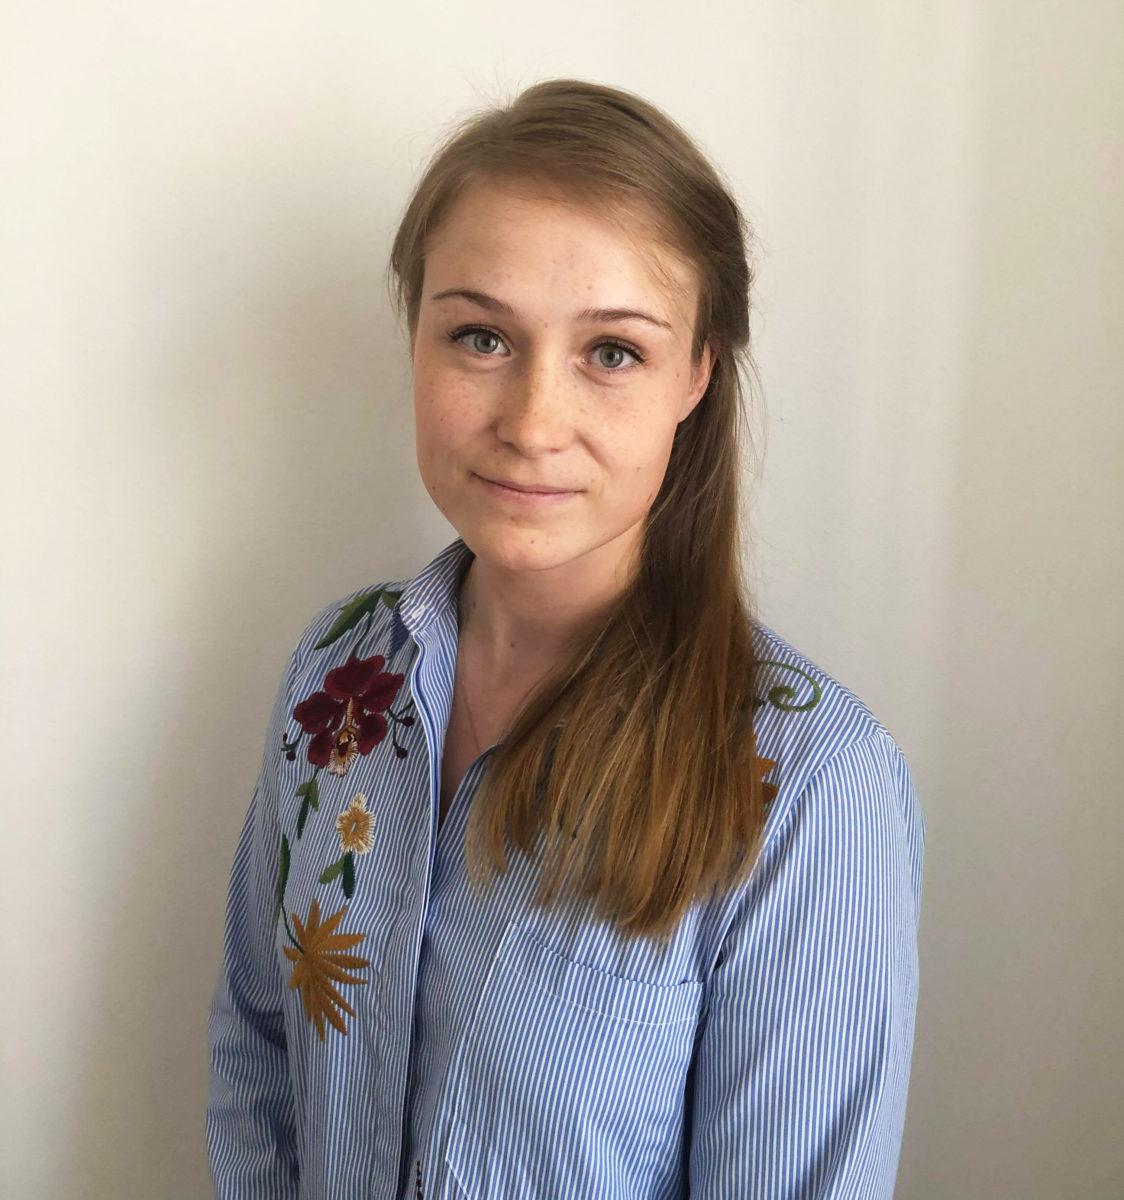 Jenni Nevavuo Etlaan tutkimusharjoittelijaksi